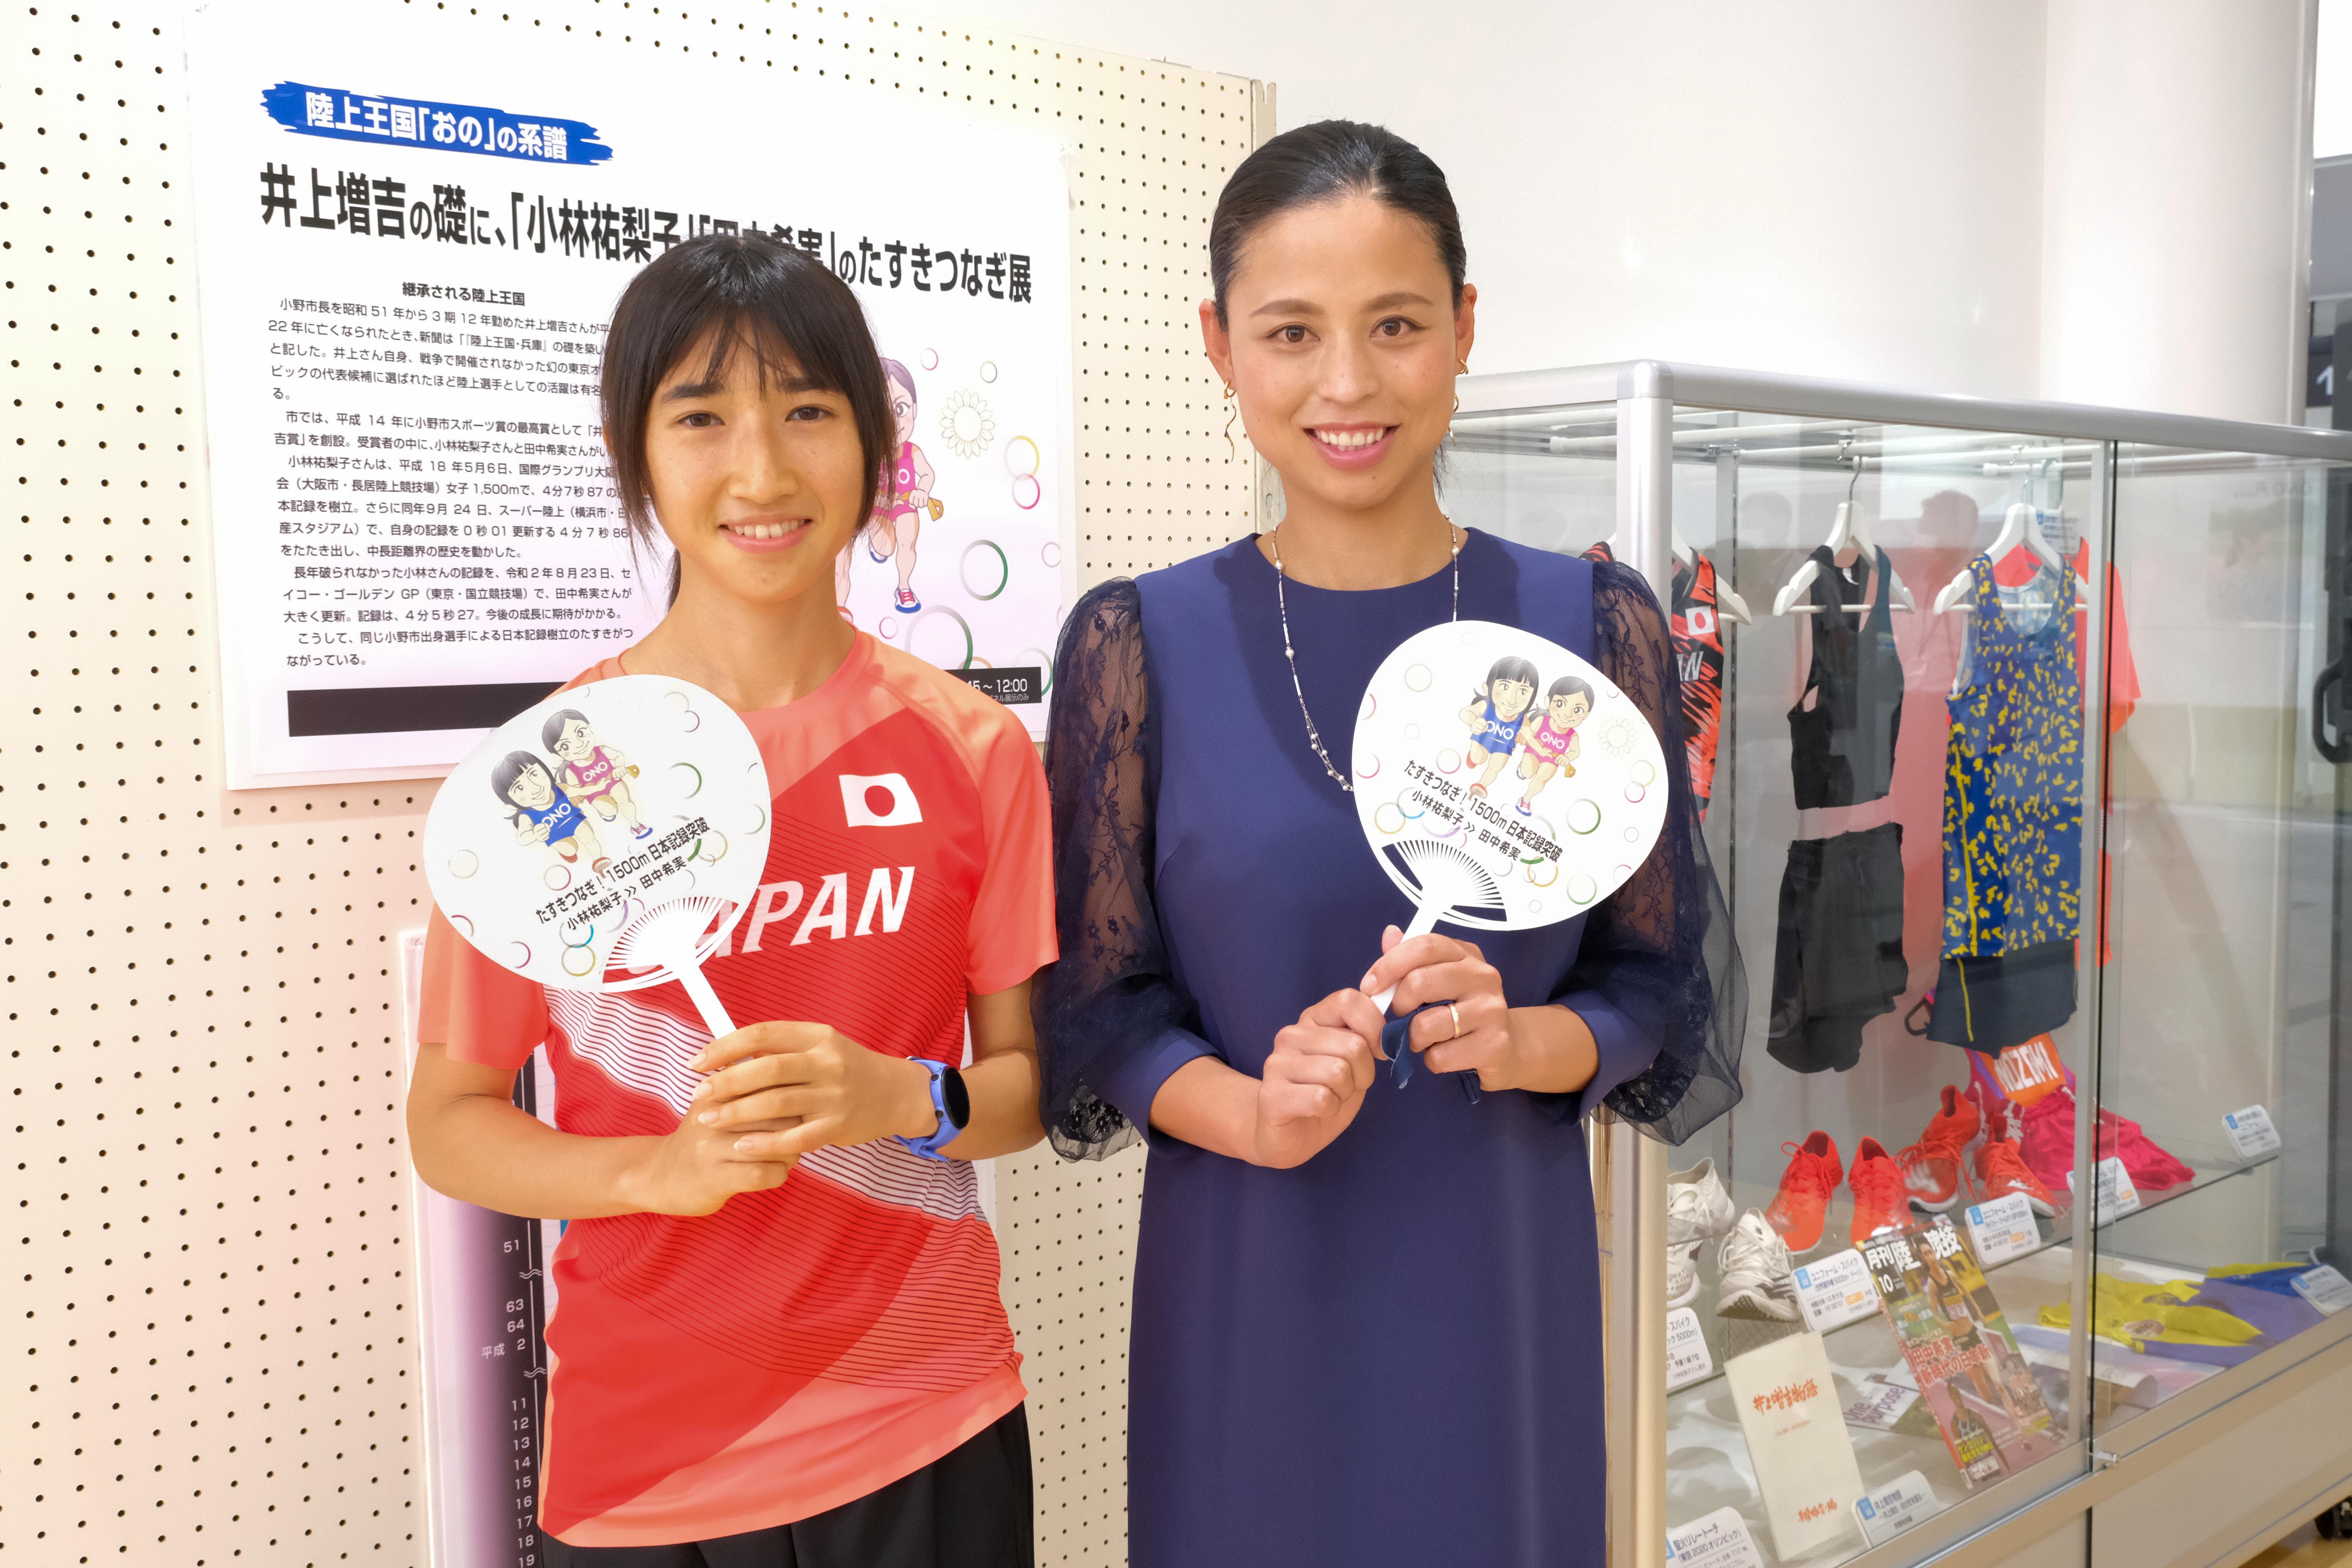 インタビュアーを務められた小林祐梨子さんも会場に。新旧の日本レコード保持者がそろいました